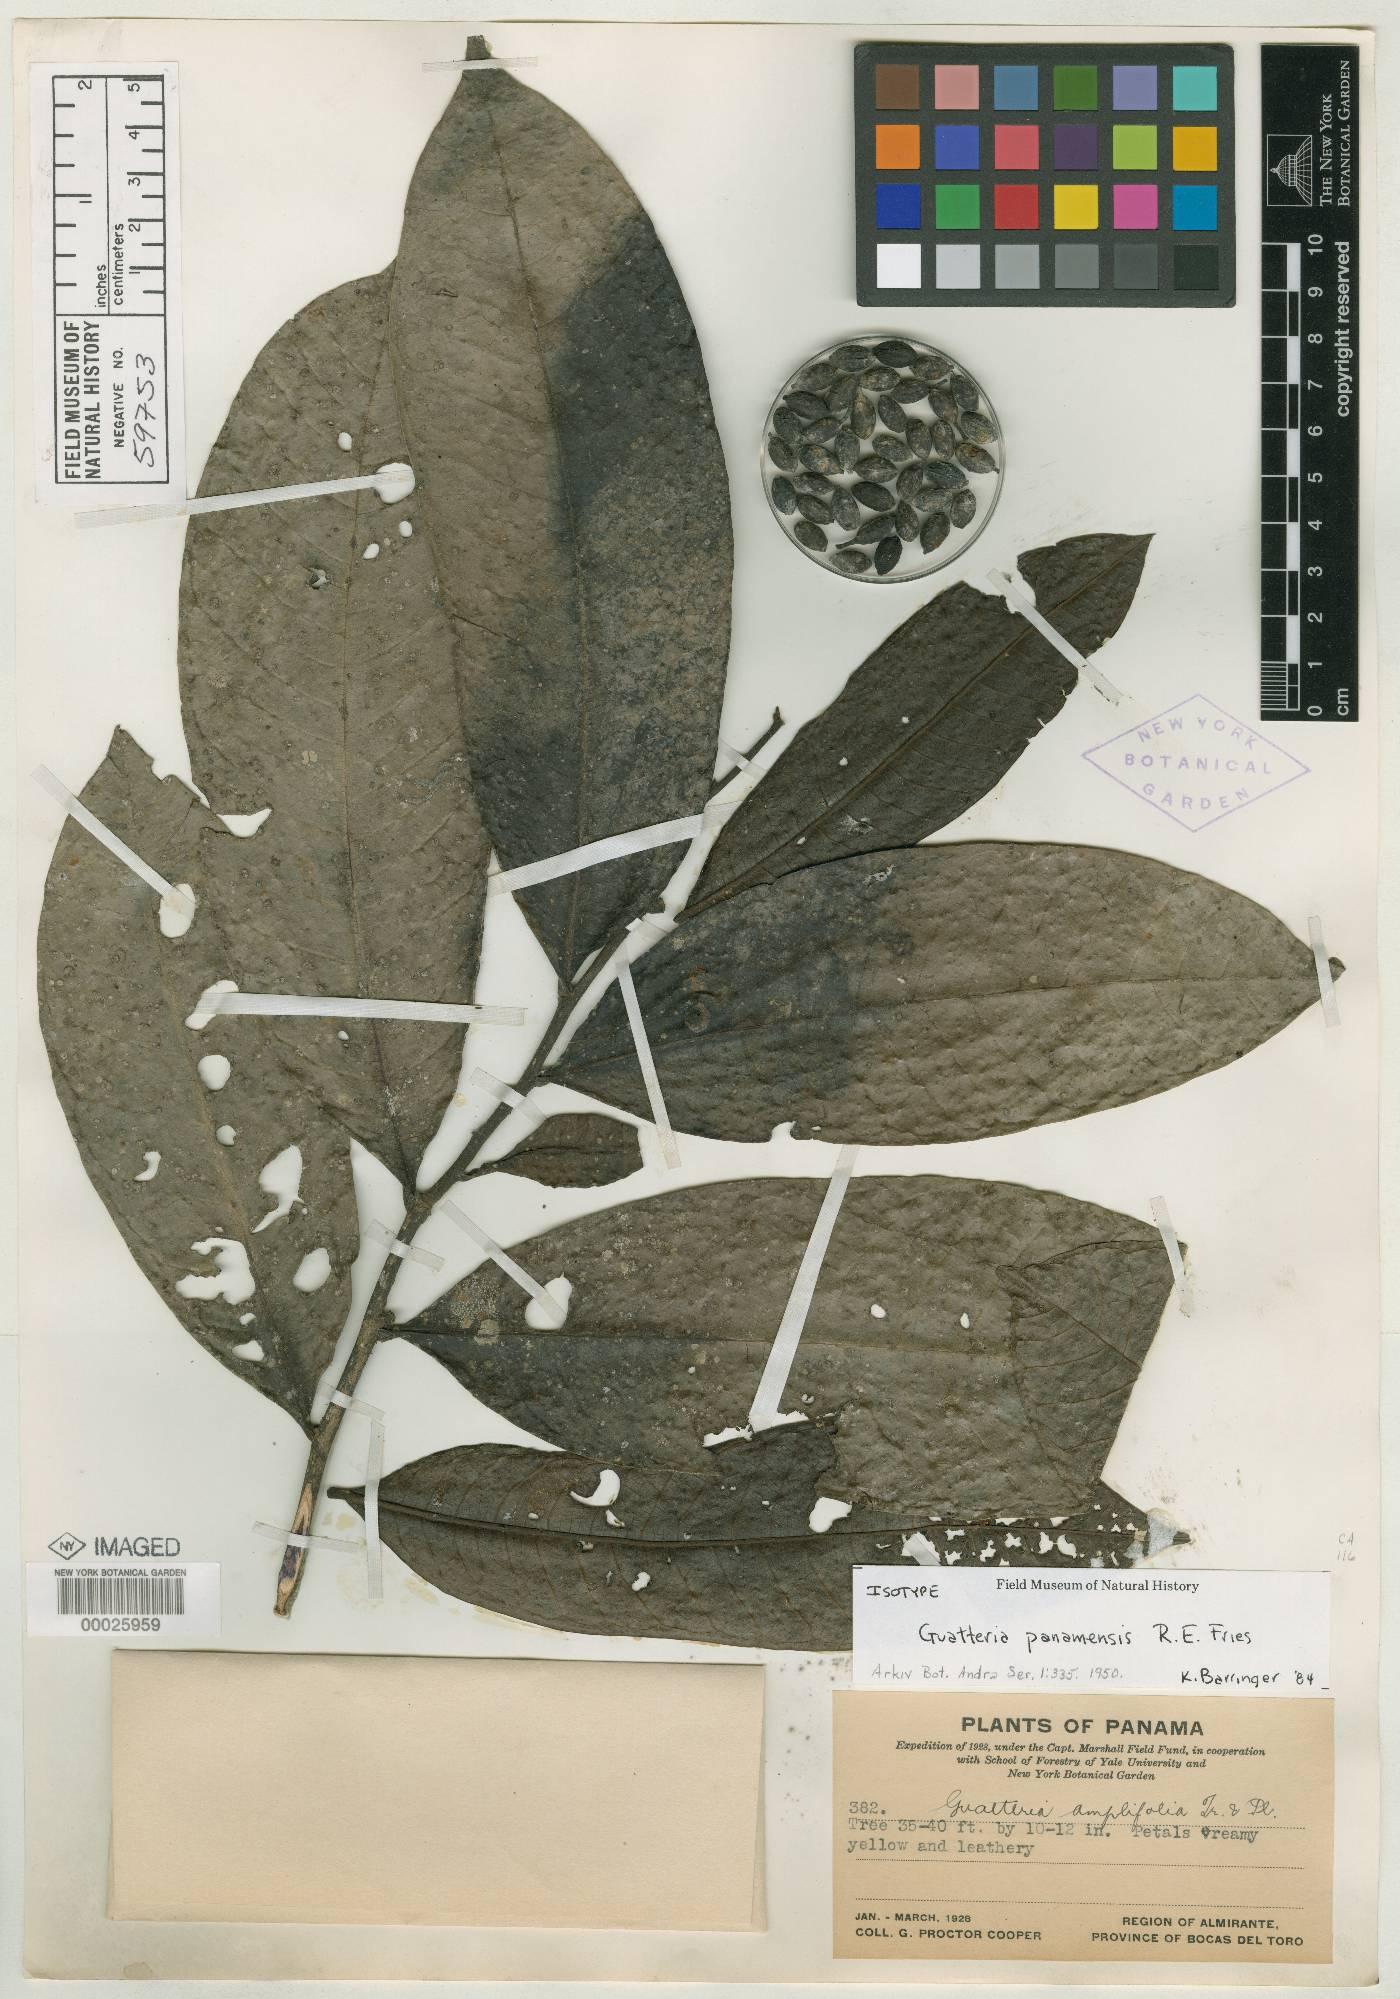 Guatteria panamensis image